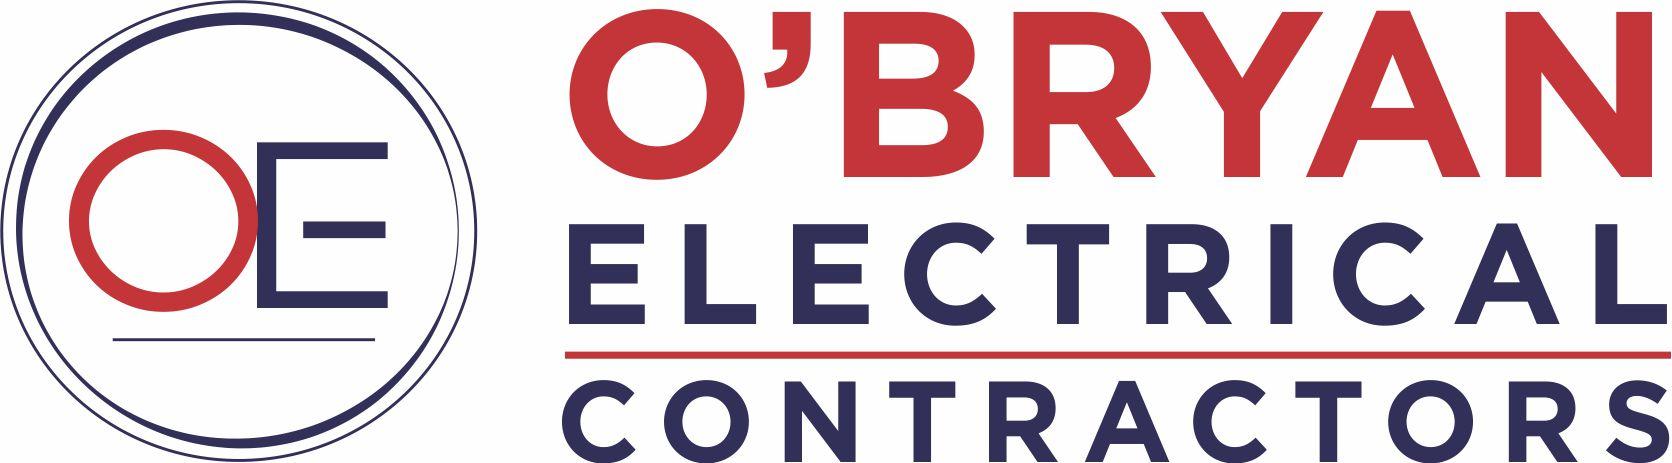 obryan electrical logo.jpg